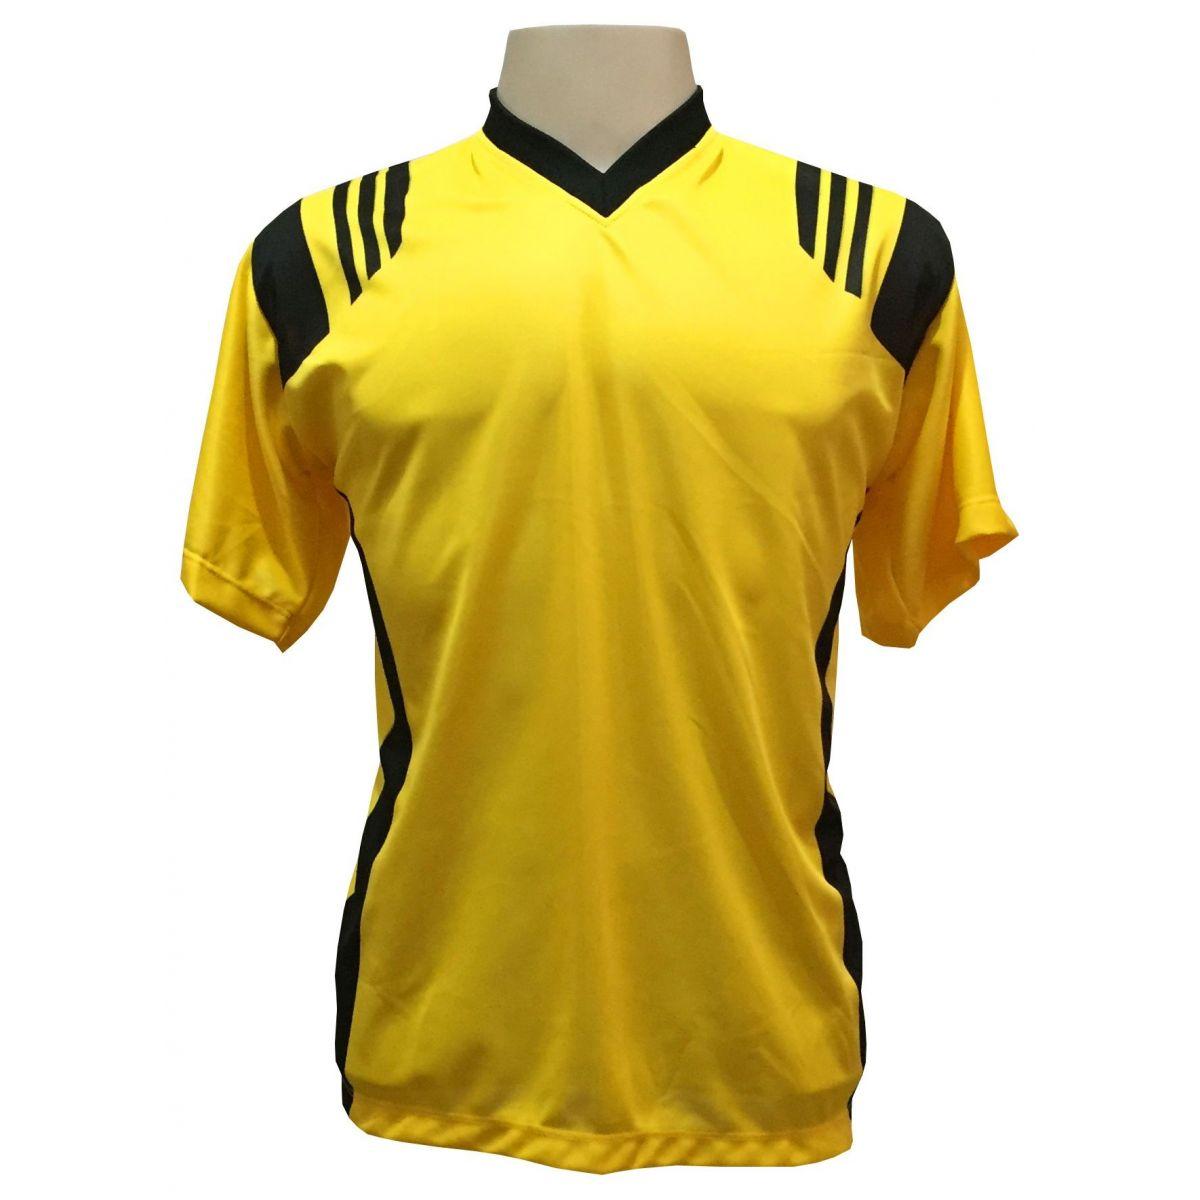 Uniforme Completo modelo Roma 18+2 (18 Camisas Amarelo/Preto + 18 Calções Modelo Copa Preto/Amarelo + 18 Pares de Meiões Pretos + 2 Conjuntos de Goleiro) + Brindes